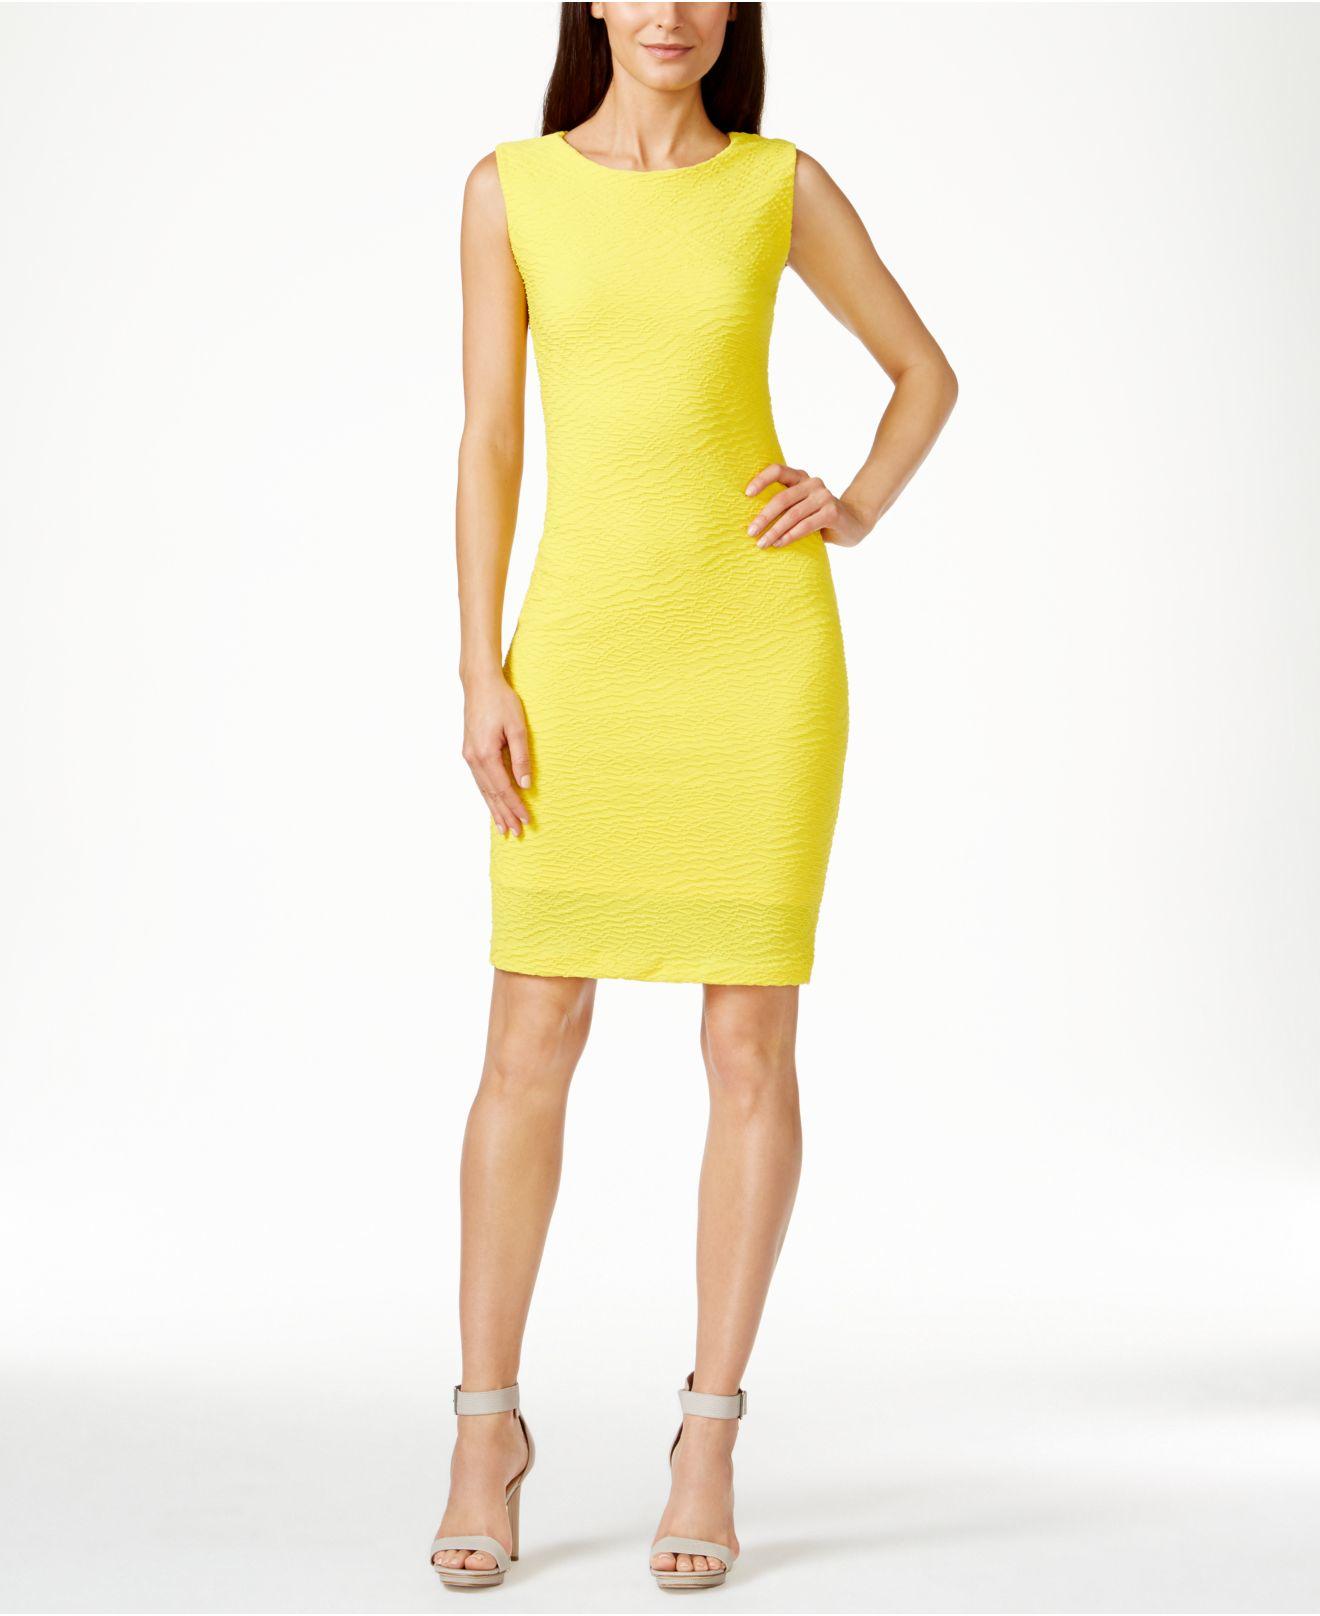 Lyst - Calvin Klein Textured Sheath Dress in Yellow